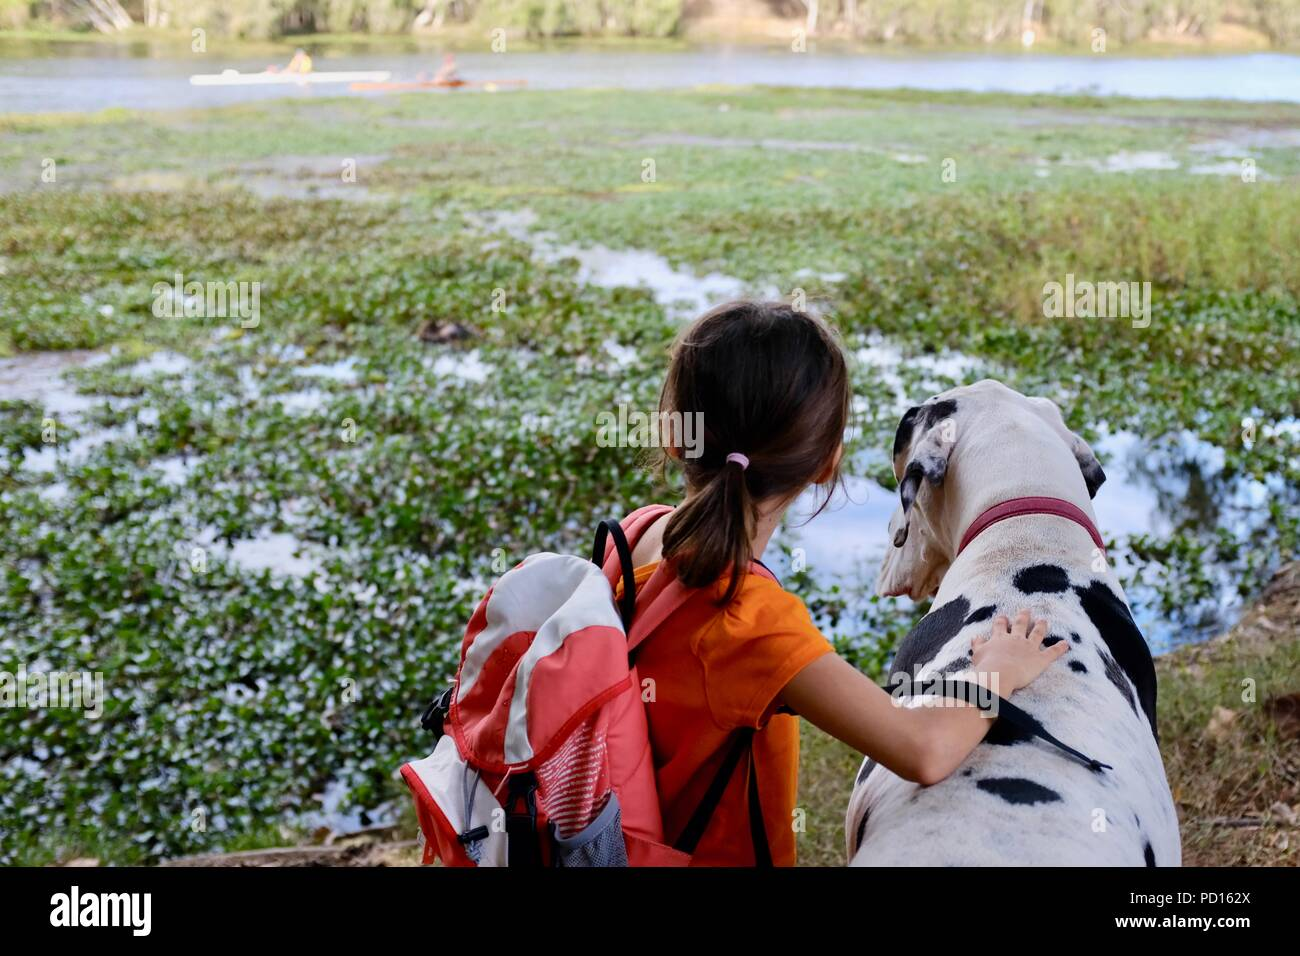 Ein junges Mädchen, Weiße und Schwarze Dogge Hund zusammen mit Blick auf einen Fluss, Booroona Wanderweg auf der Ross River, Rasmussen, QLD 4815, Australien Stockfoto